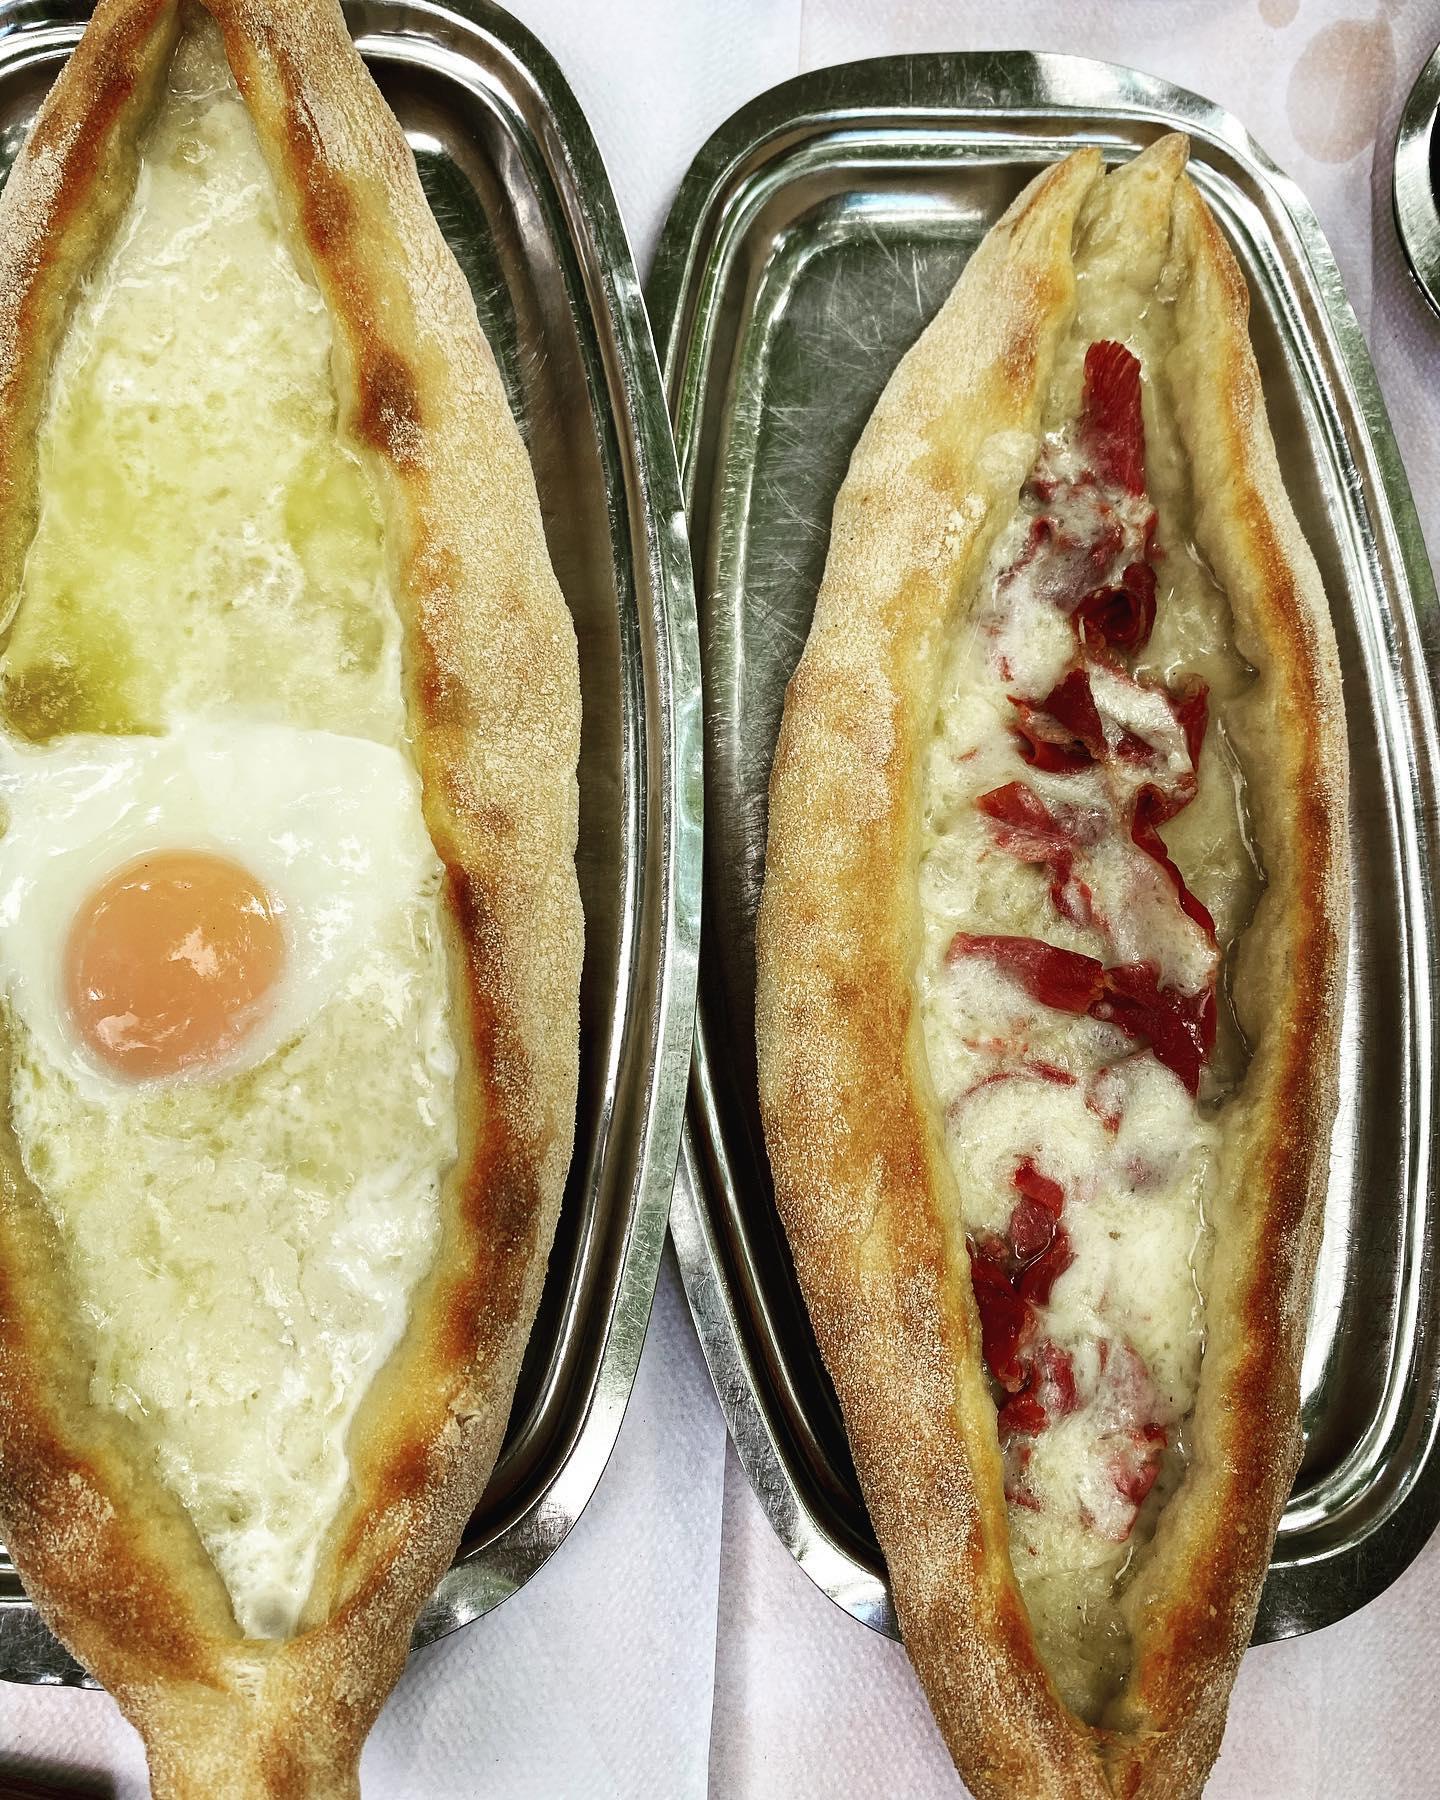 Αν δεν έχεις δοκιμάσει πεϊνιρλί στον Ελευθεριάδη, δεν έχεις δοκιμάσει το διασημότερο της Ελλάδας